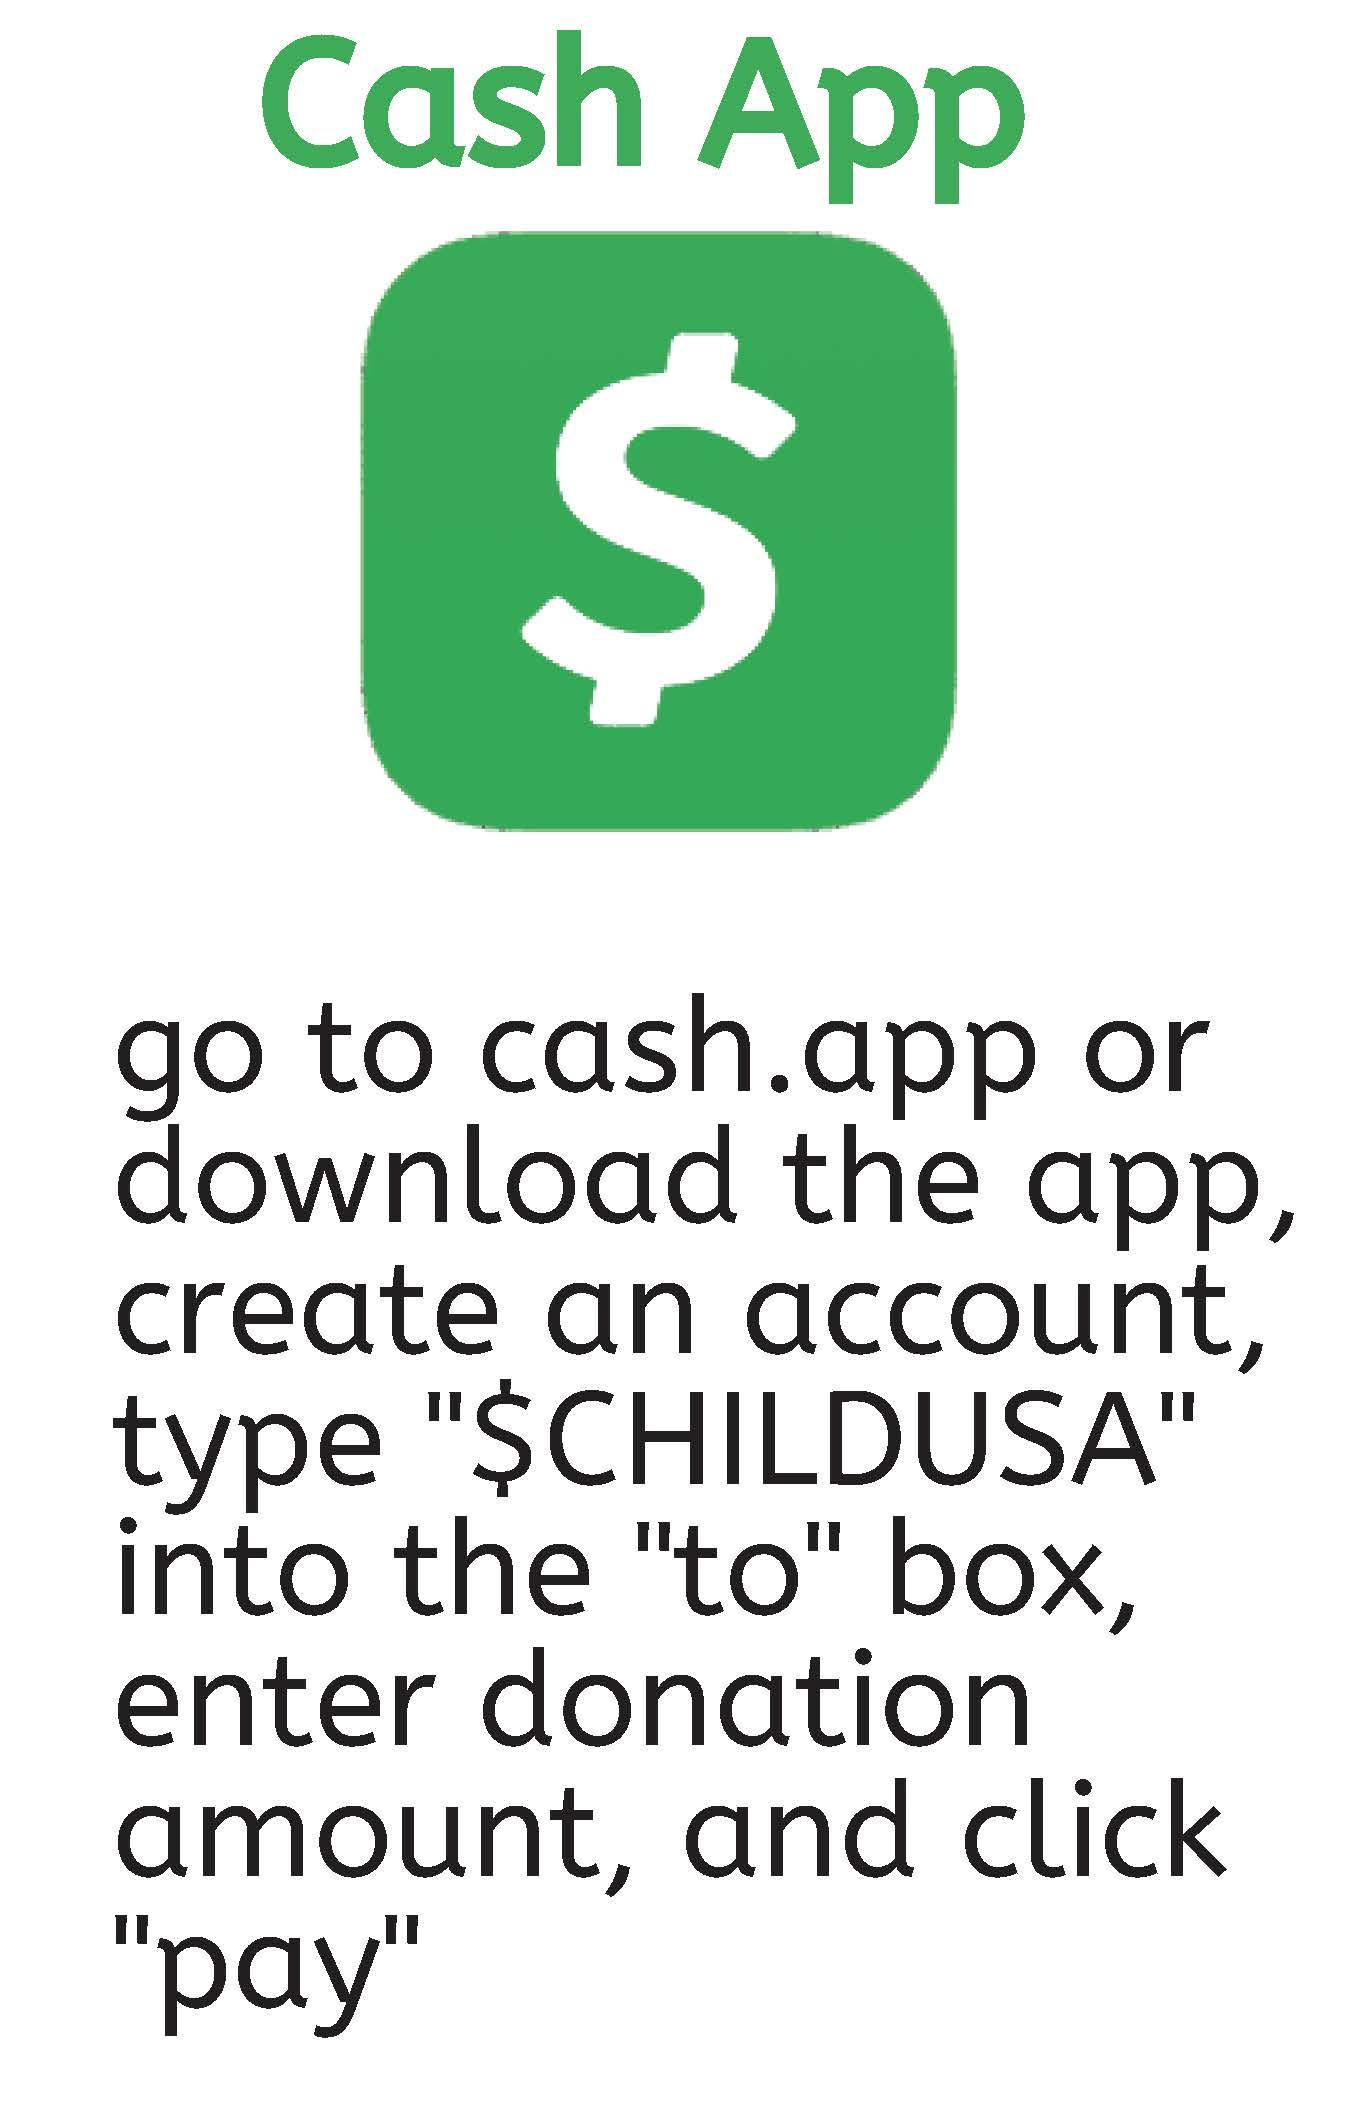 Cashapp.jpg